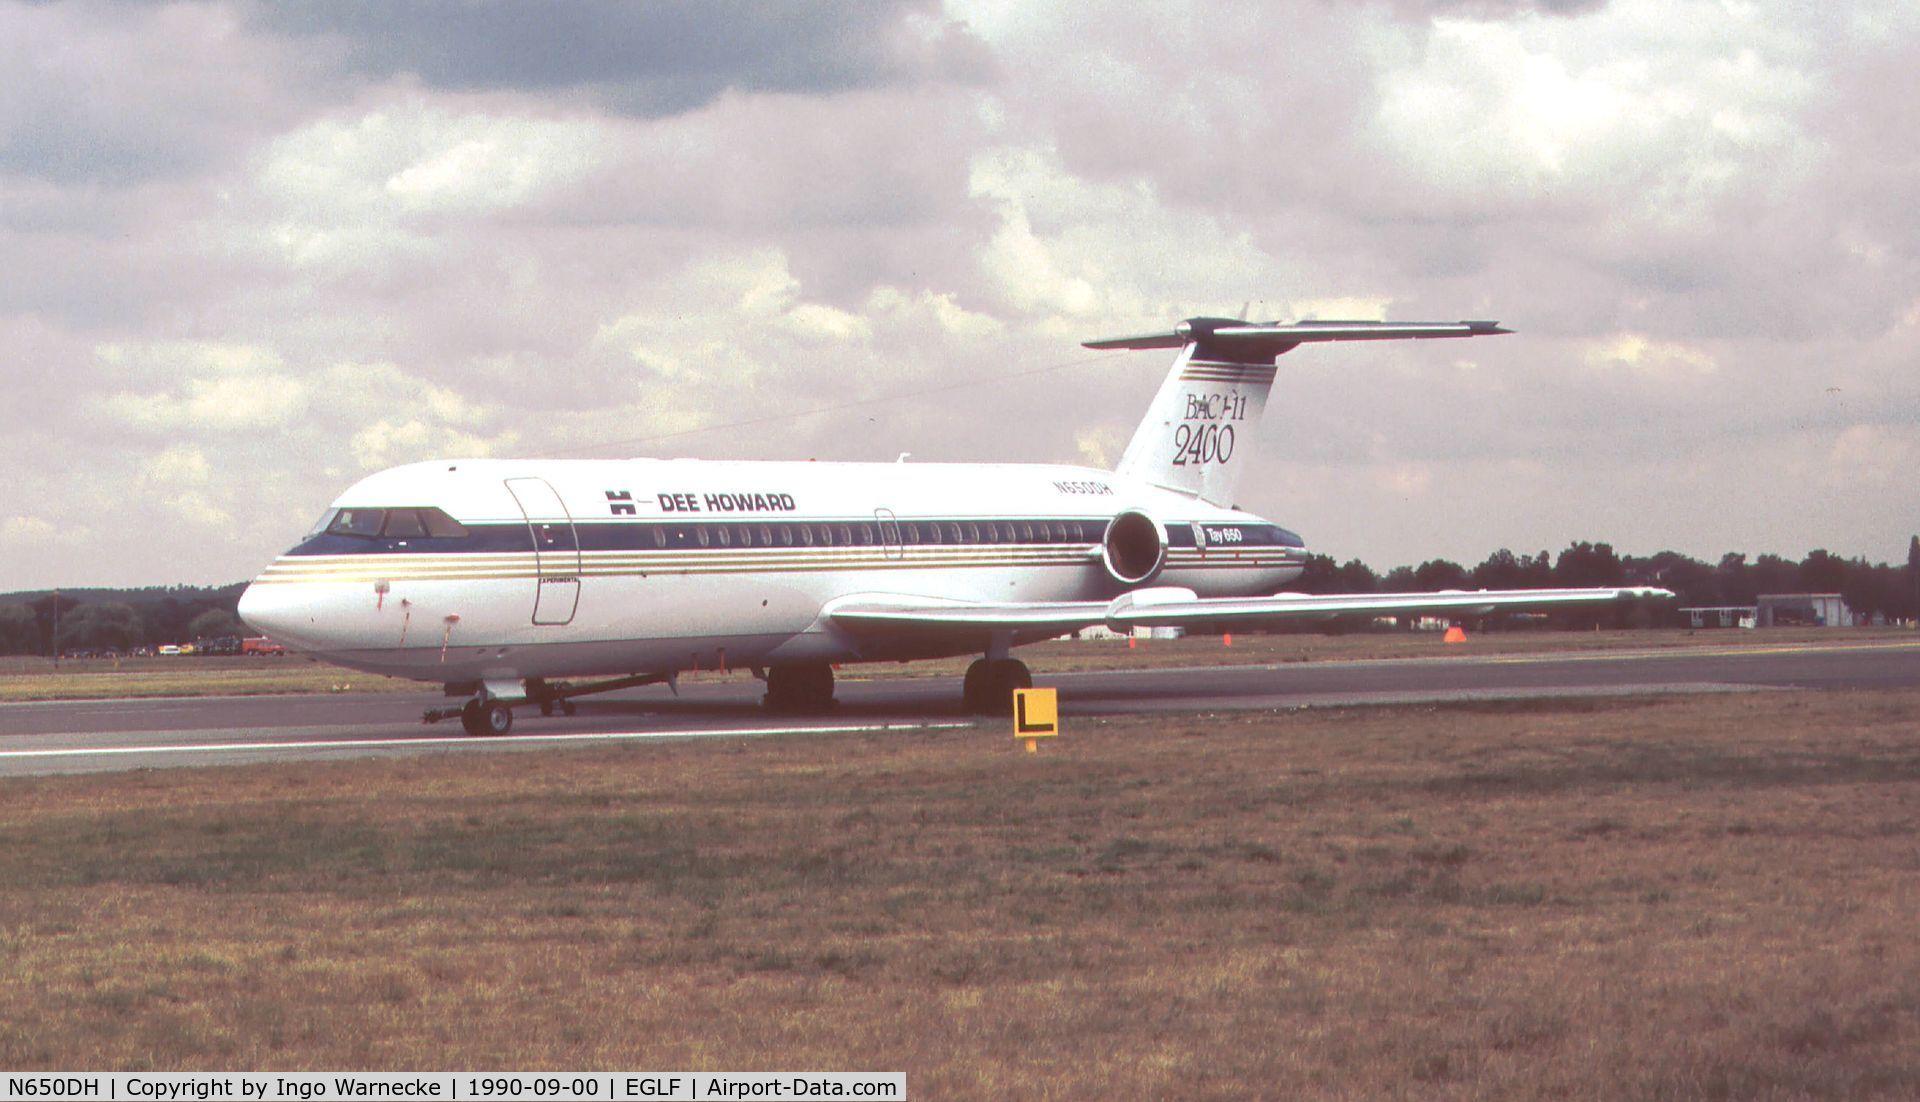 N650DH, 1966 BAC 111-401AK One-Eleven C/N BAC.059, BAC / Dee Howard BAC 1-11 2400 with R-R Tay 650 engines at Farnborough International 1990